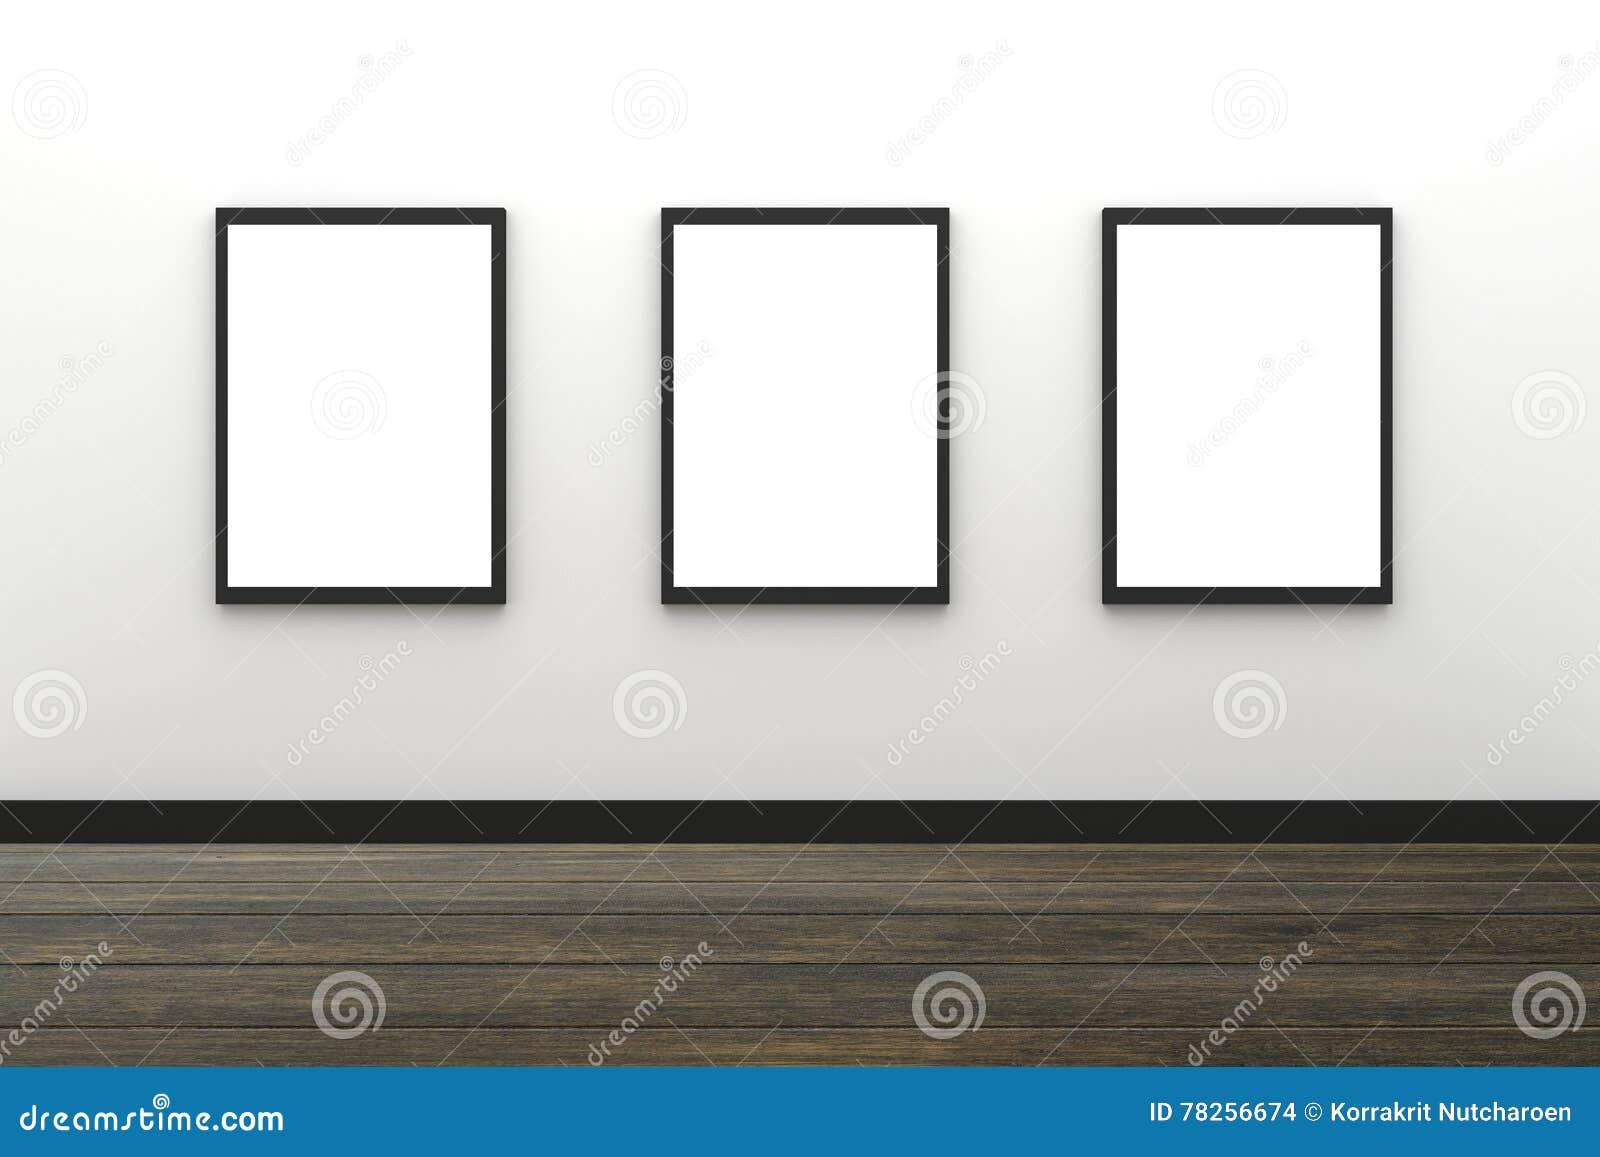 τρισδιάστατη απόδοση: απεικόνιση της κενής μαύρης ένωσης πλαισίων φωτογραφιών τρία στο άσπρο εσωτερικό τοίχων με το ξύλινο πάτωμα